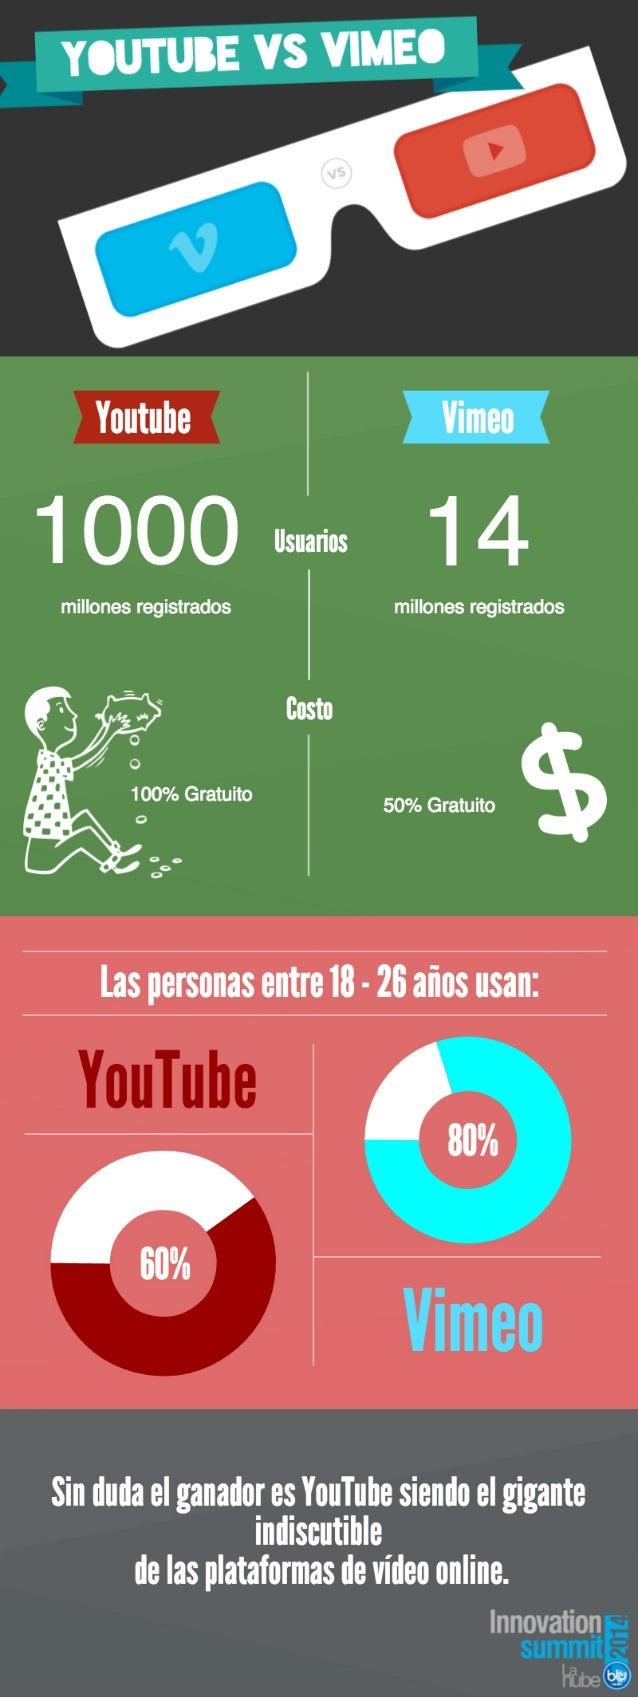 *ínlľiube Vimeo   14  millones registrados     millones registrados  Costa  50% Gratuito       Sin duda el ganarinr es You...